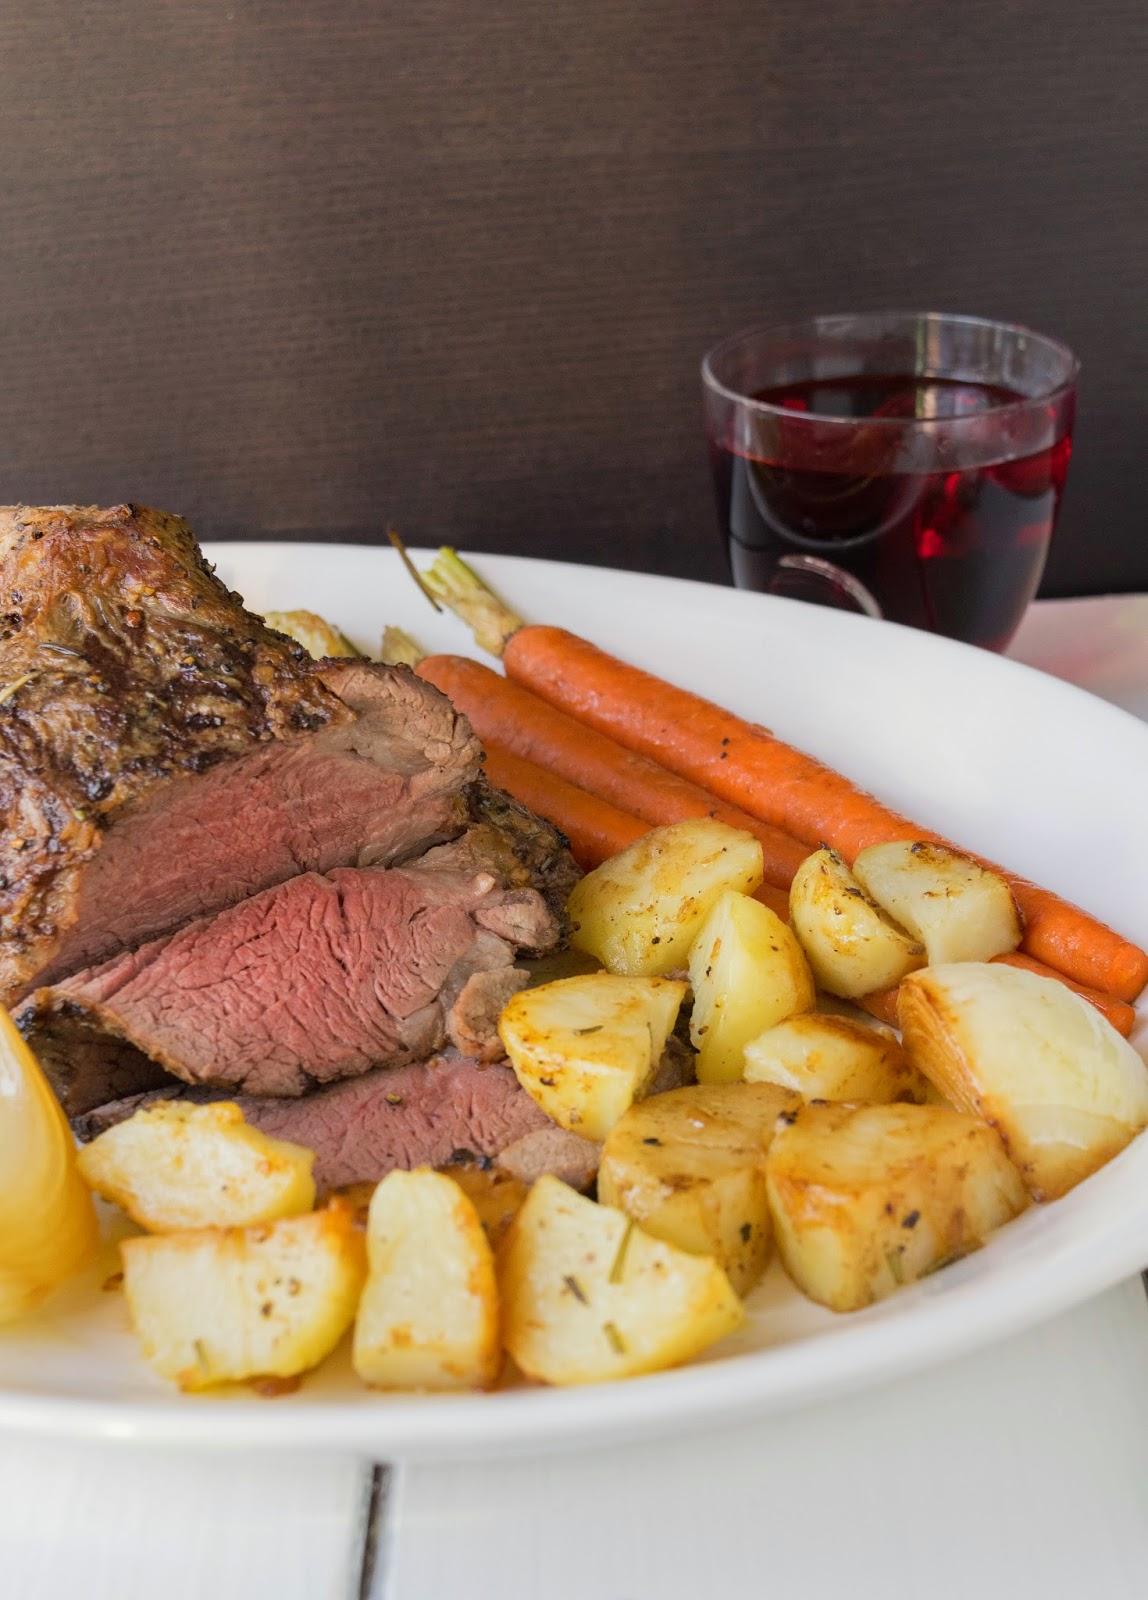 Roast beef dinner (Sunday roast)